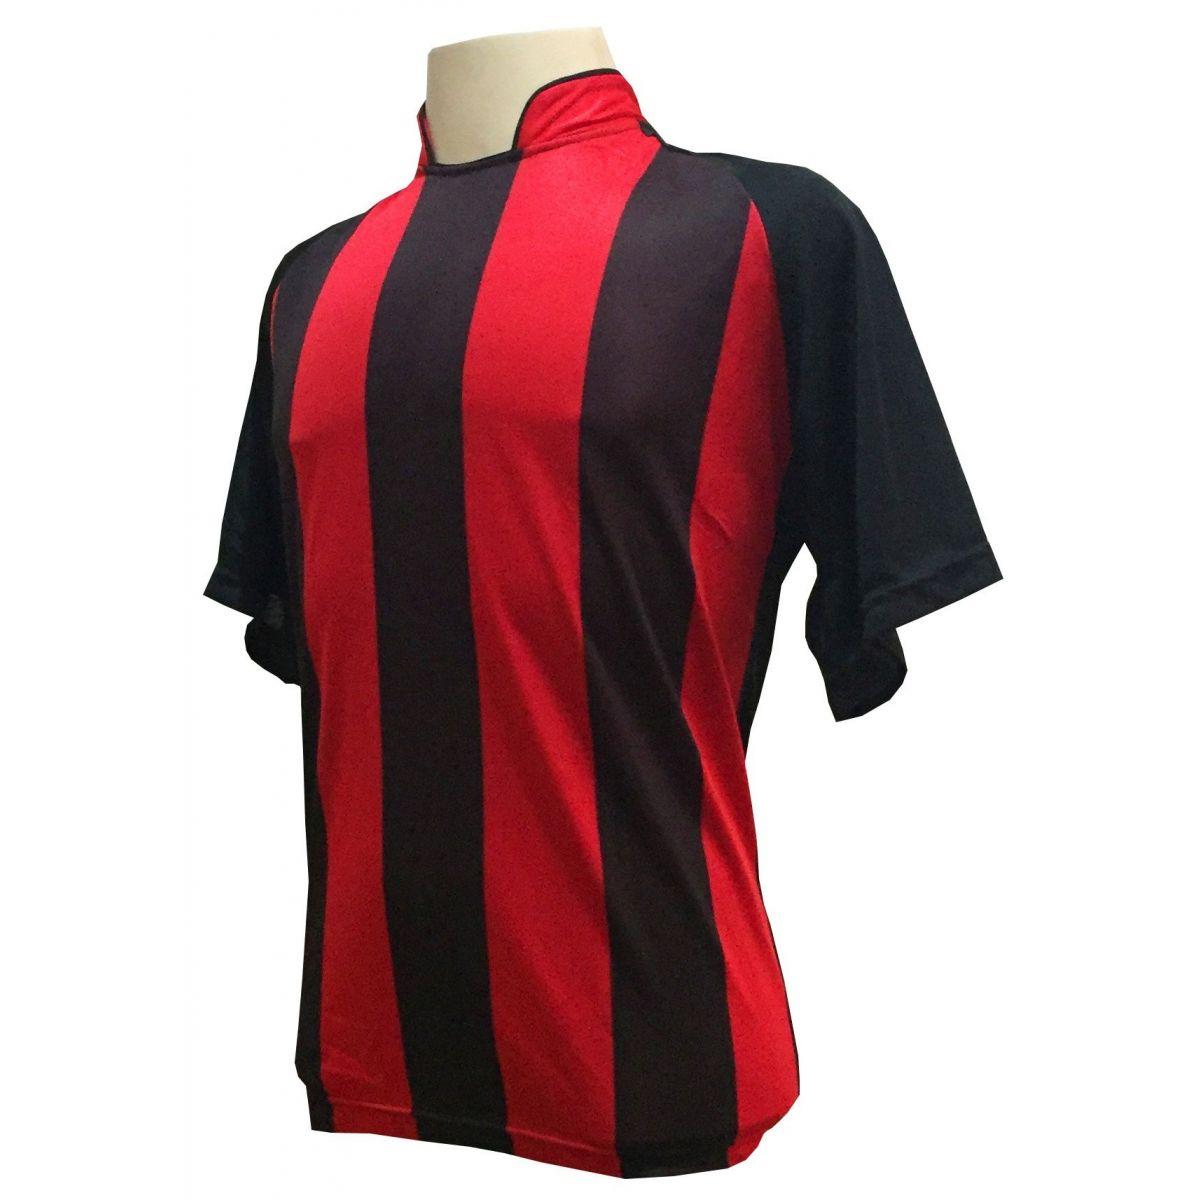 Uniforme Esportivo com 12 camisas modelo Milan Preto/Vermelho + 12 calções modelo Madrid Preto + Brindes